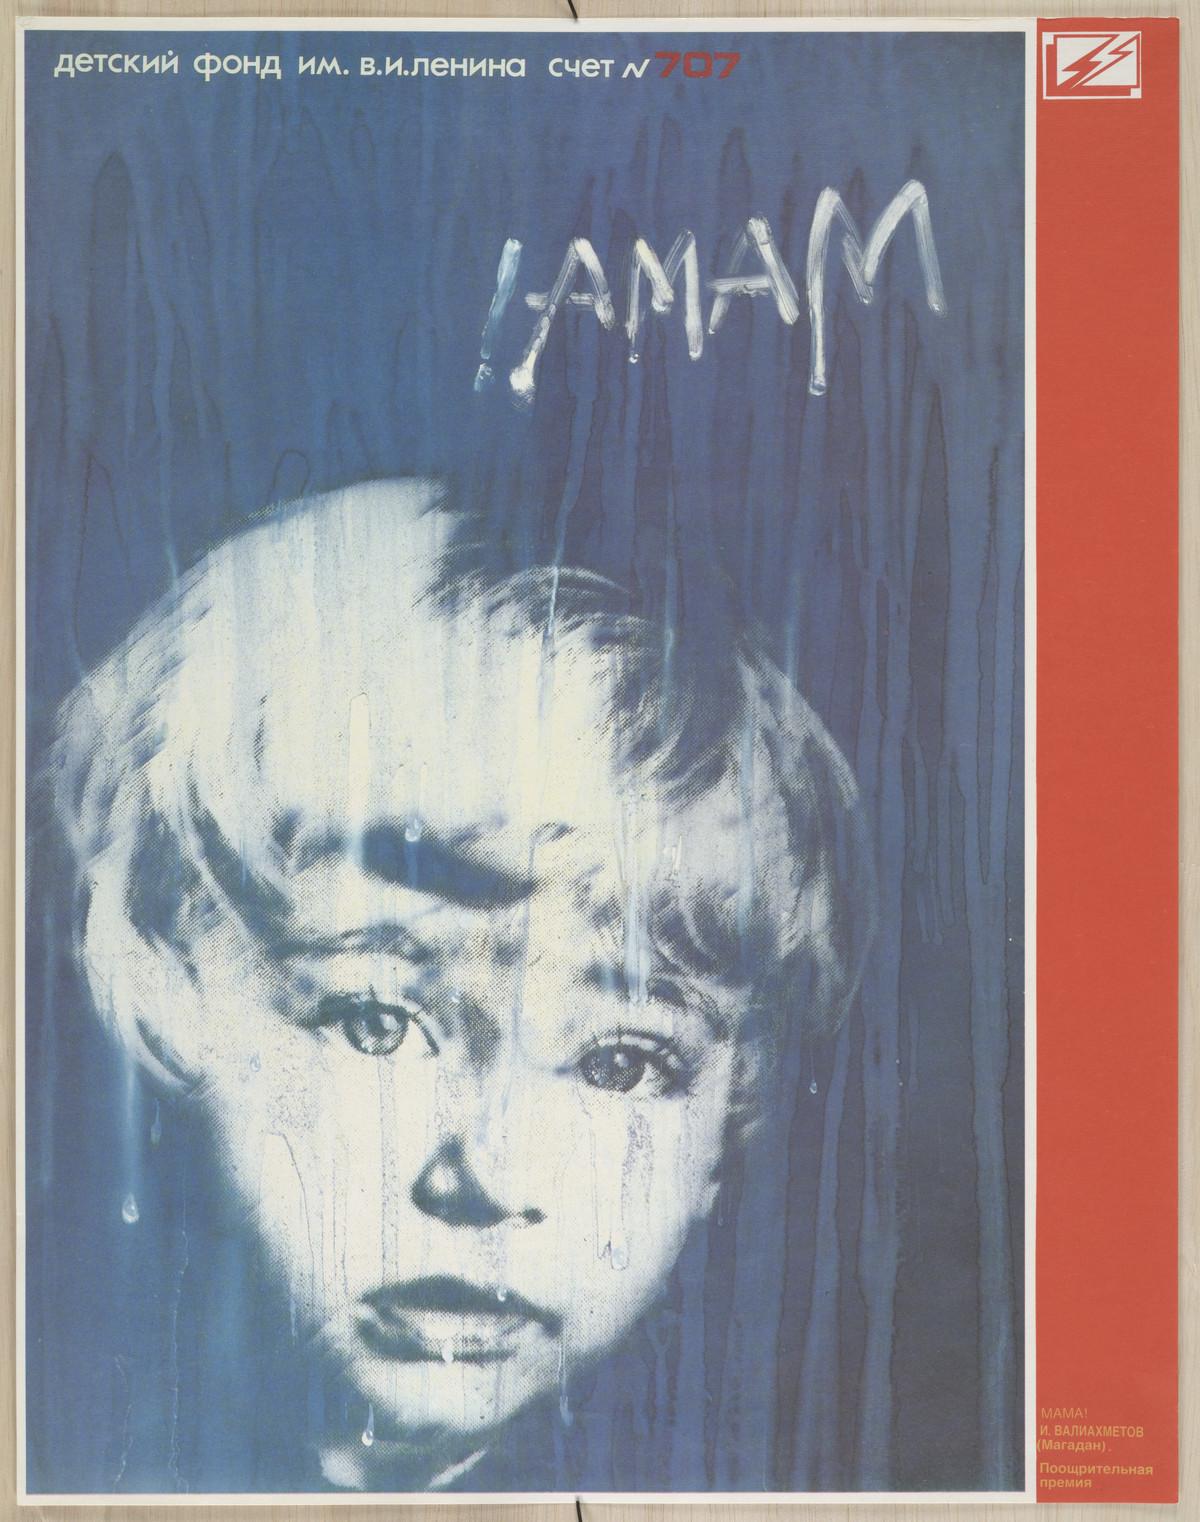 sovetskie-kommunisticheskie-plakaty_53